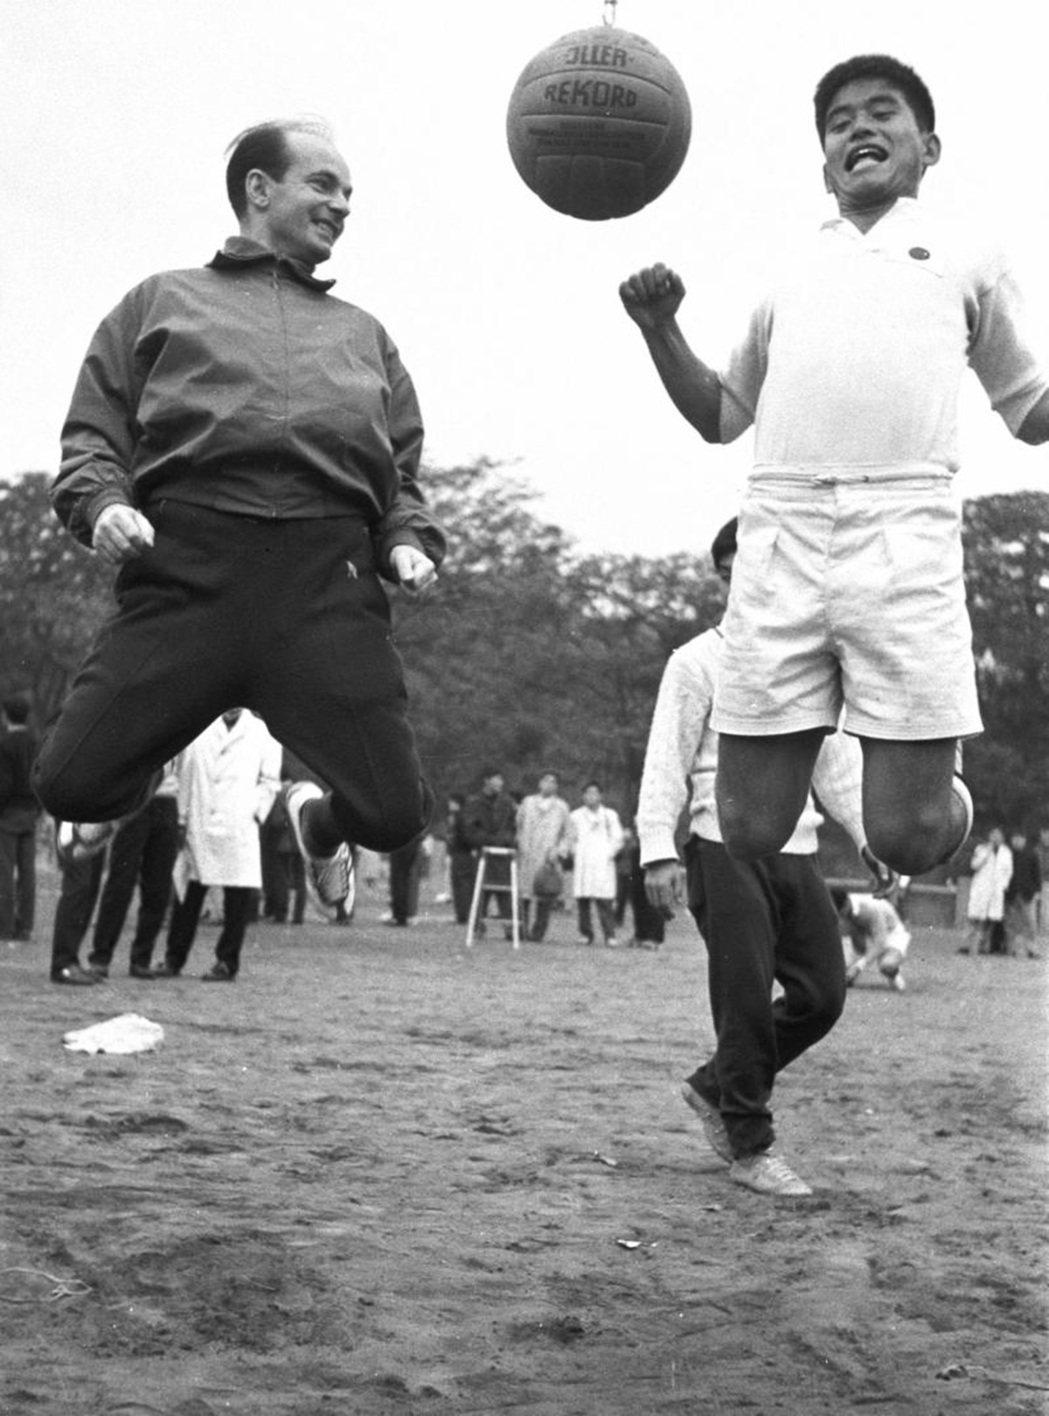 克拉默(左)與川淵三郎(右)。 圖/日本奧委會